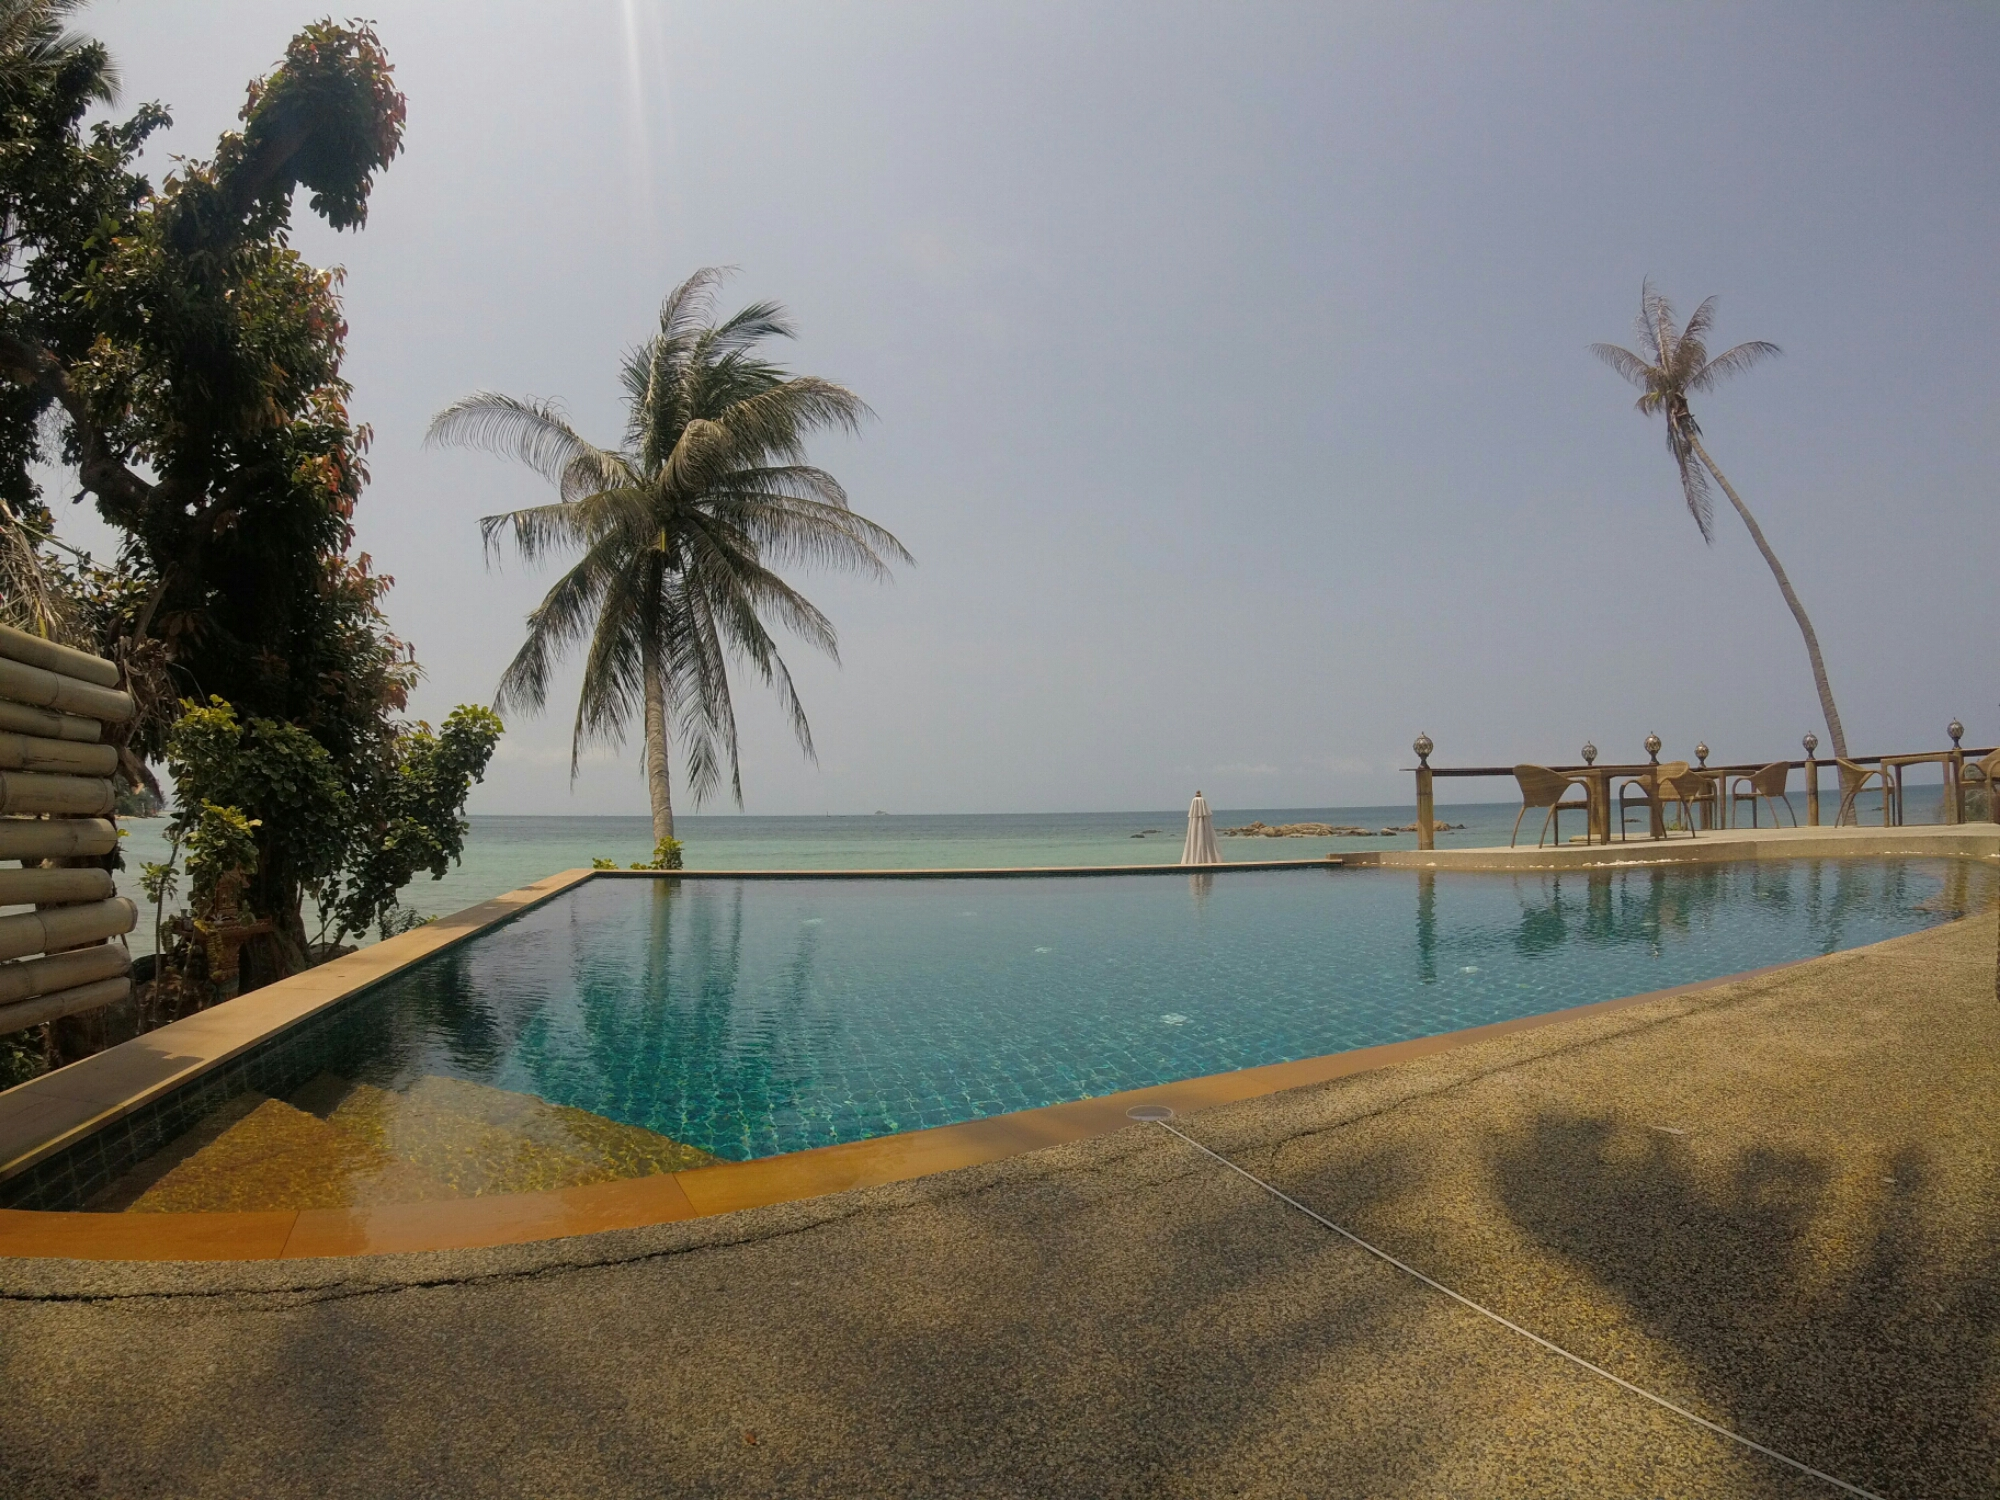 Pool at Beyond the Blue Horizon